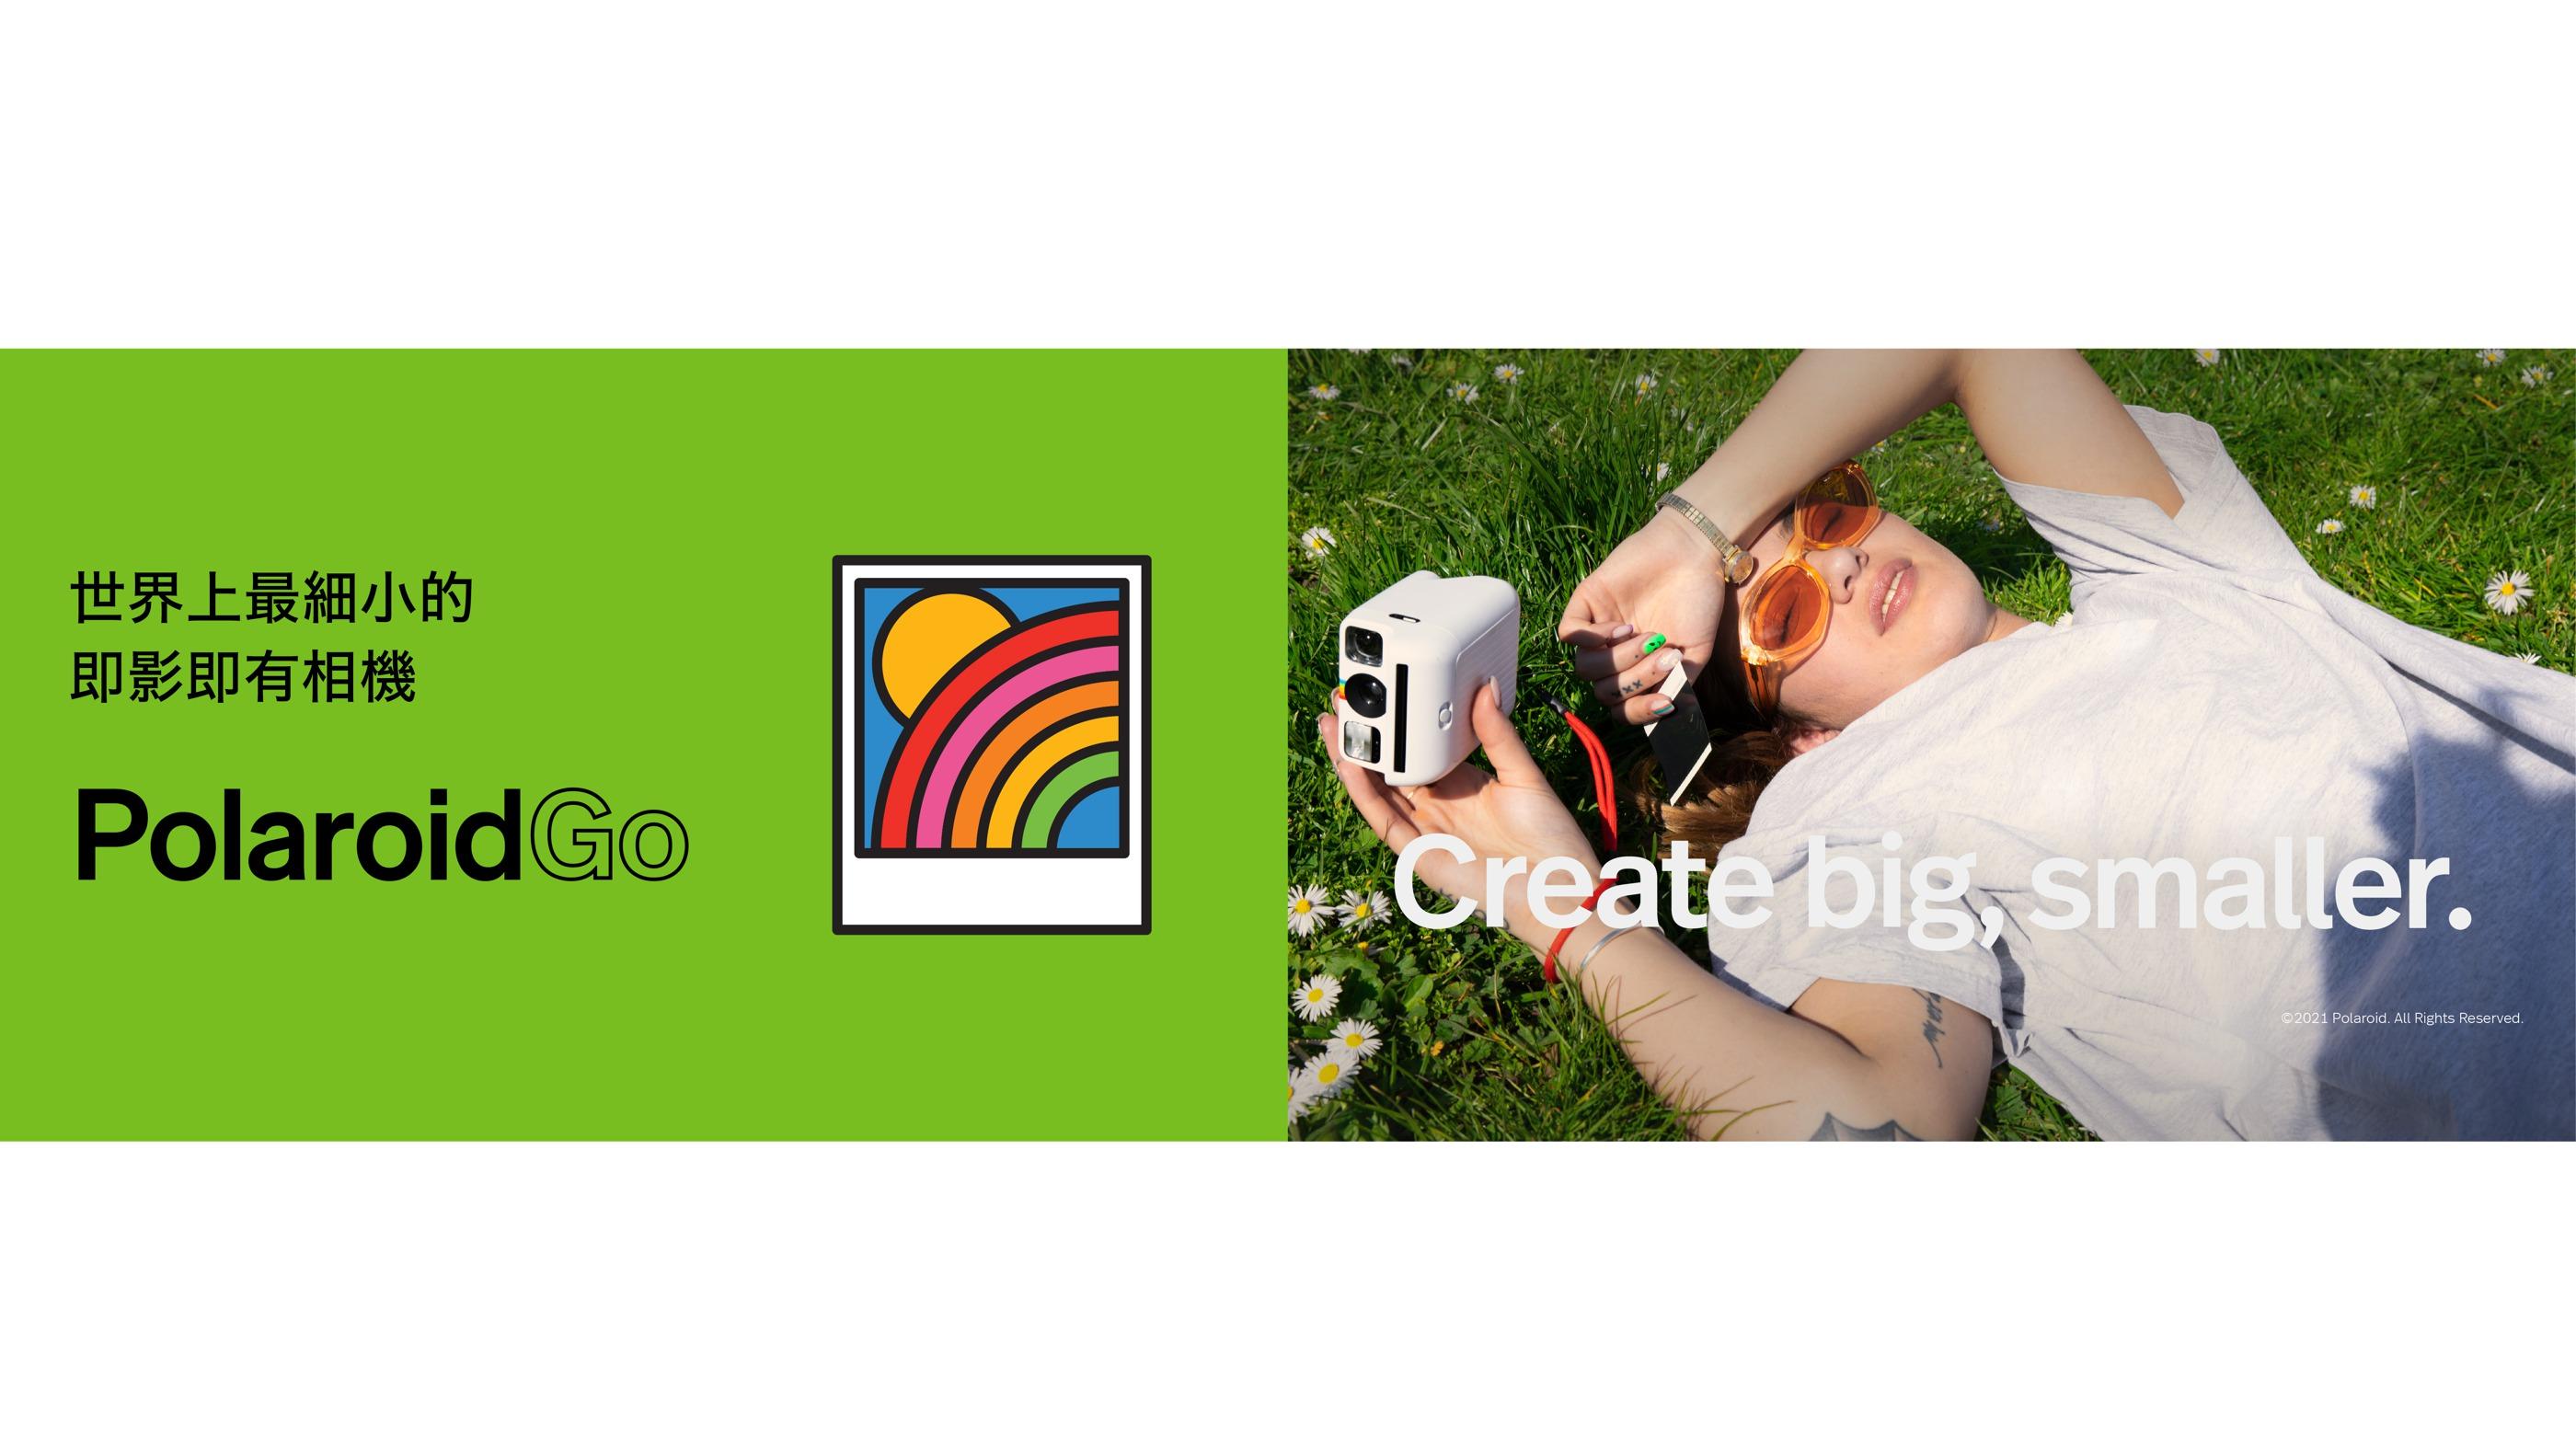 設計師品牌 - Polaroid